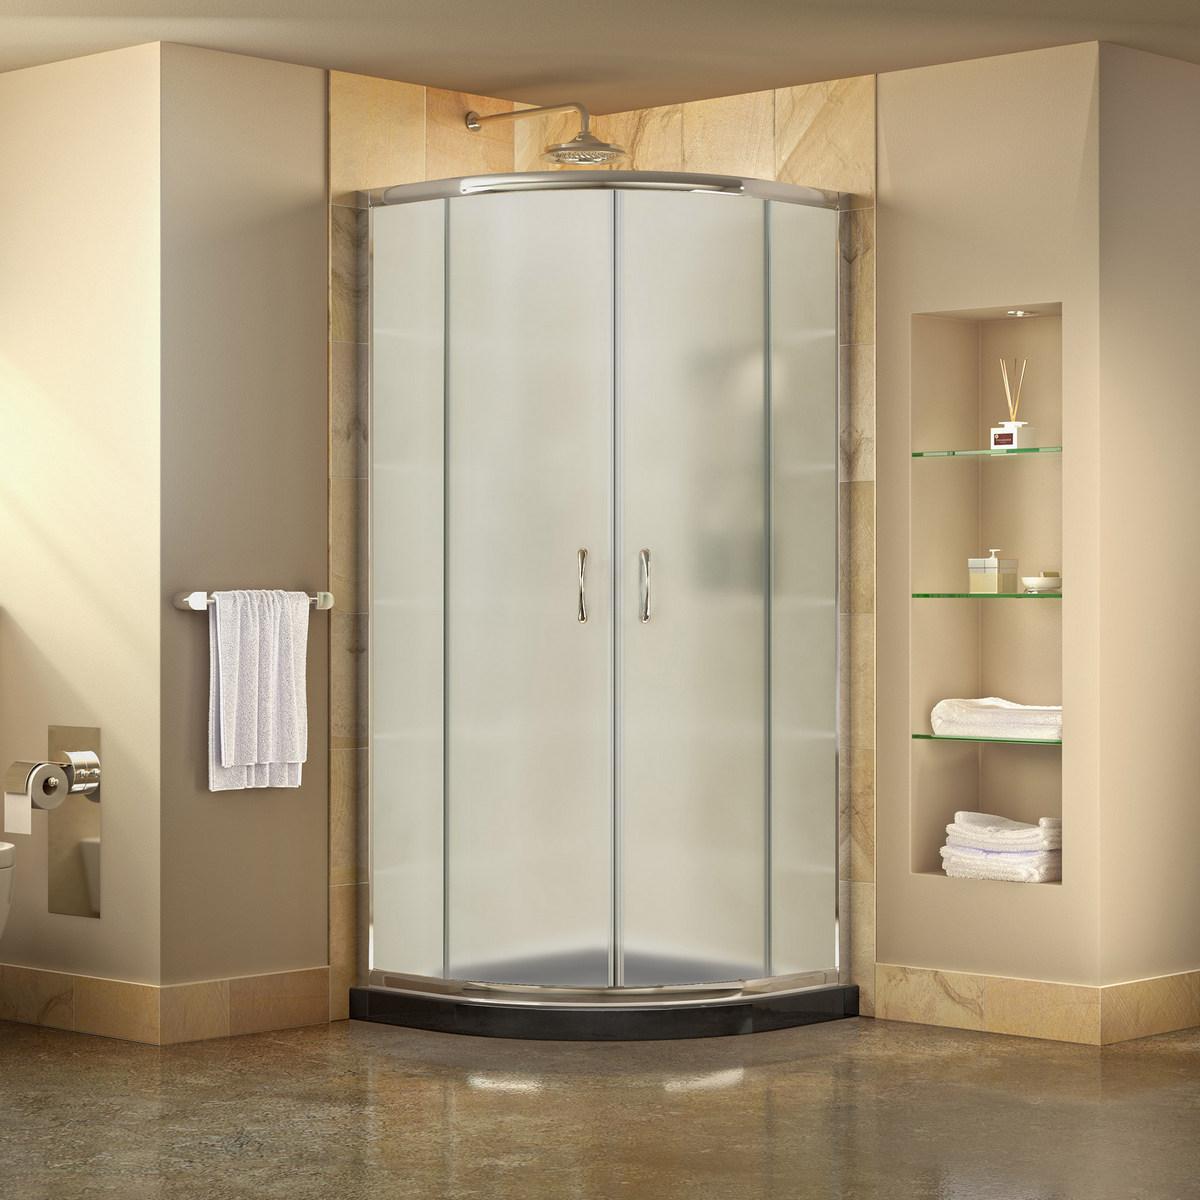 Dreamline Prime Frosted Sliding Shower Enclosure Chrome Corner